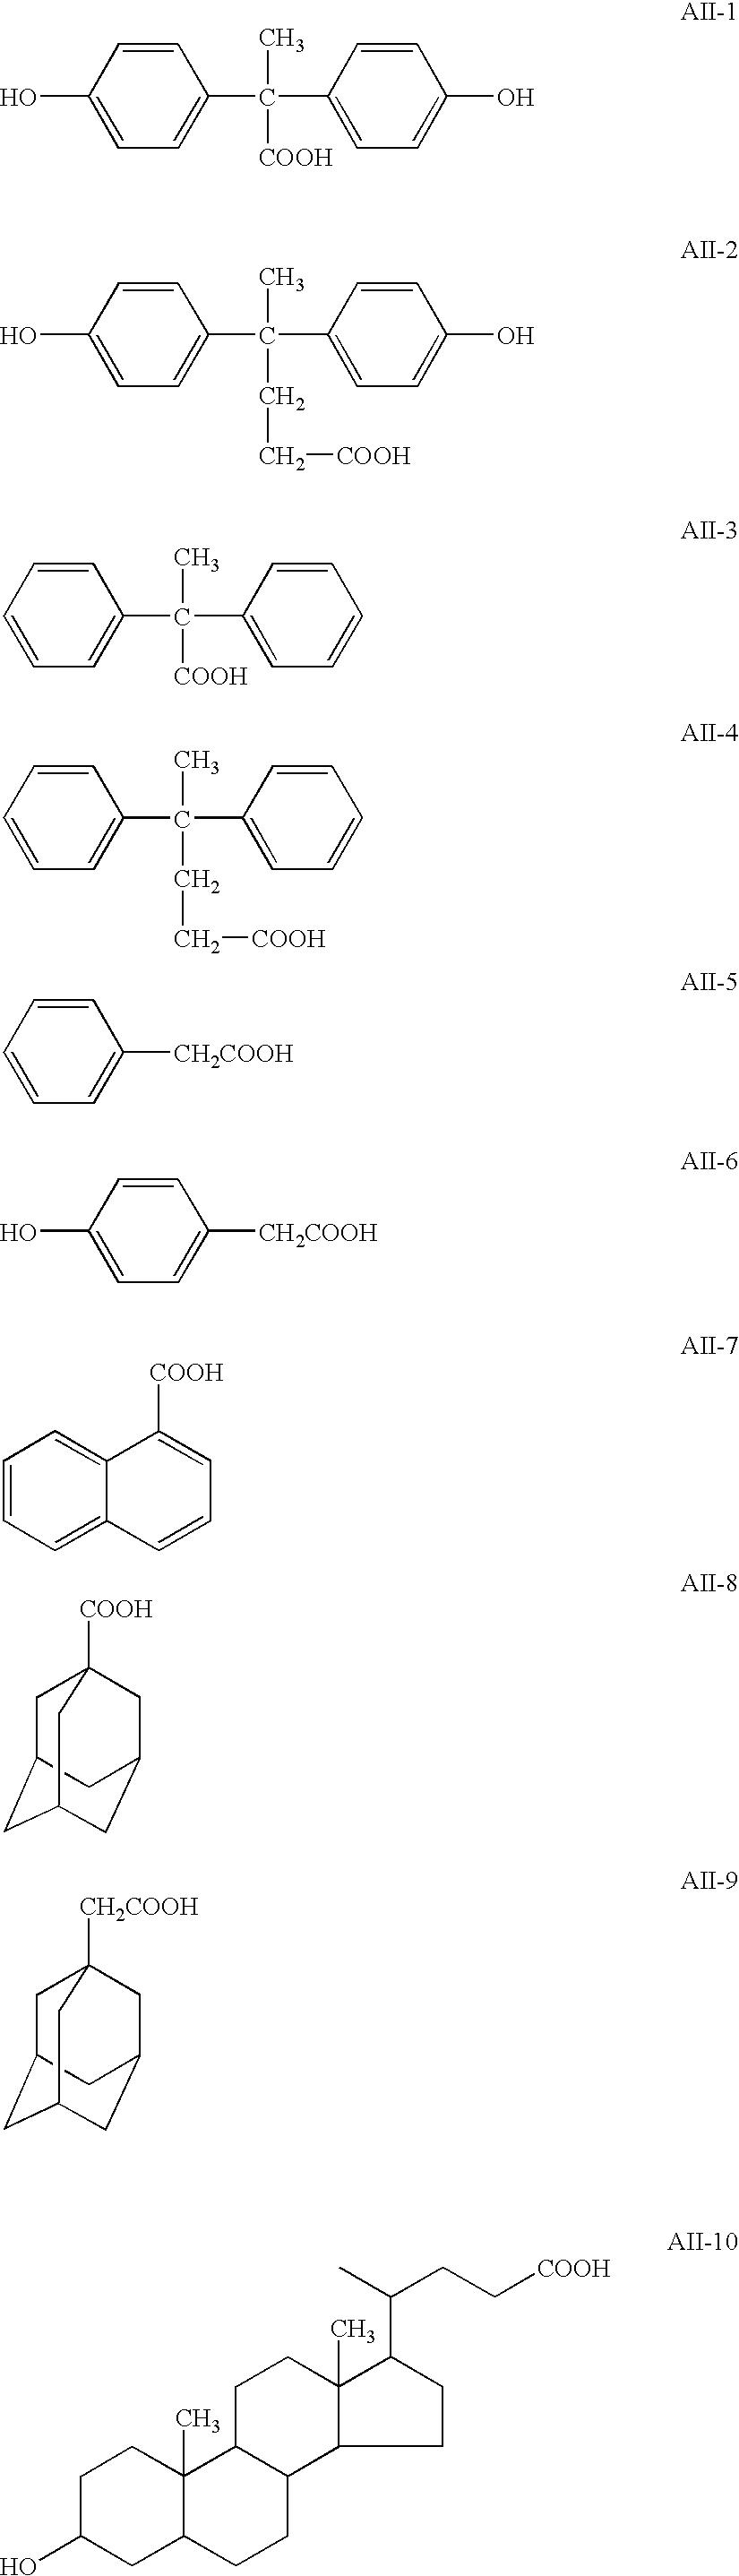 Figure US20030207201A1-20031106-C00057